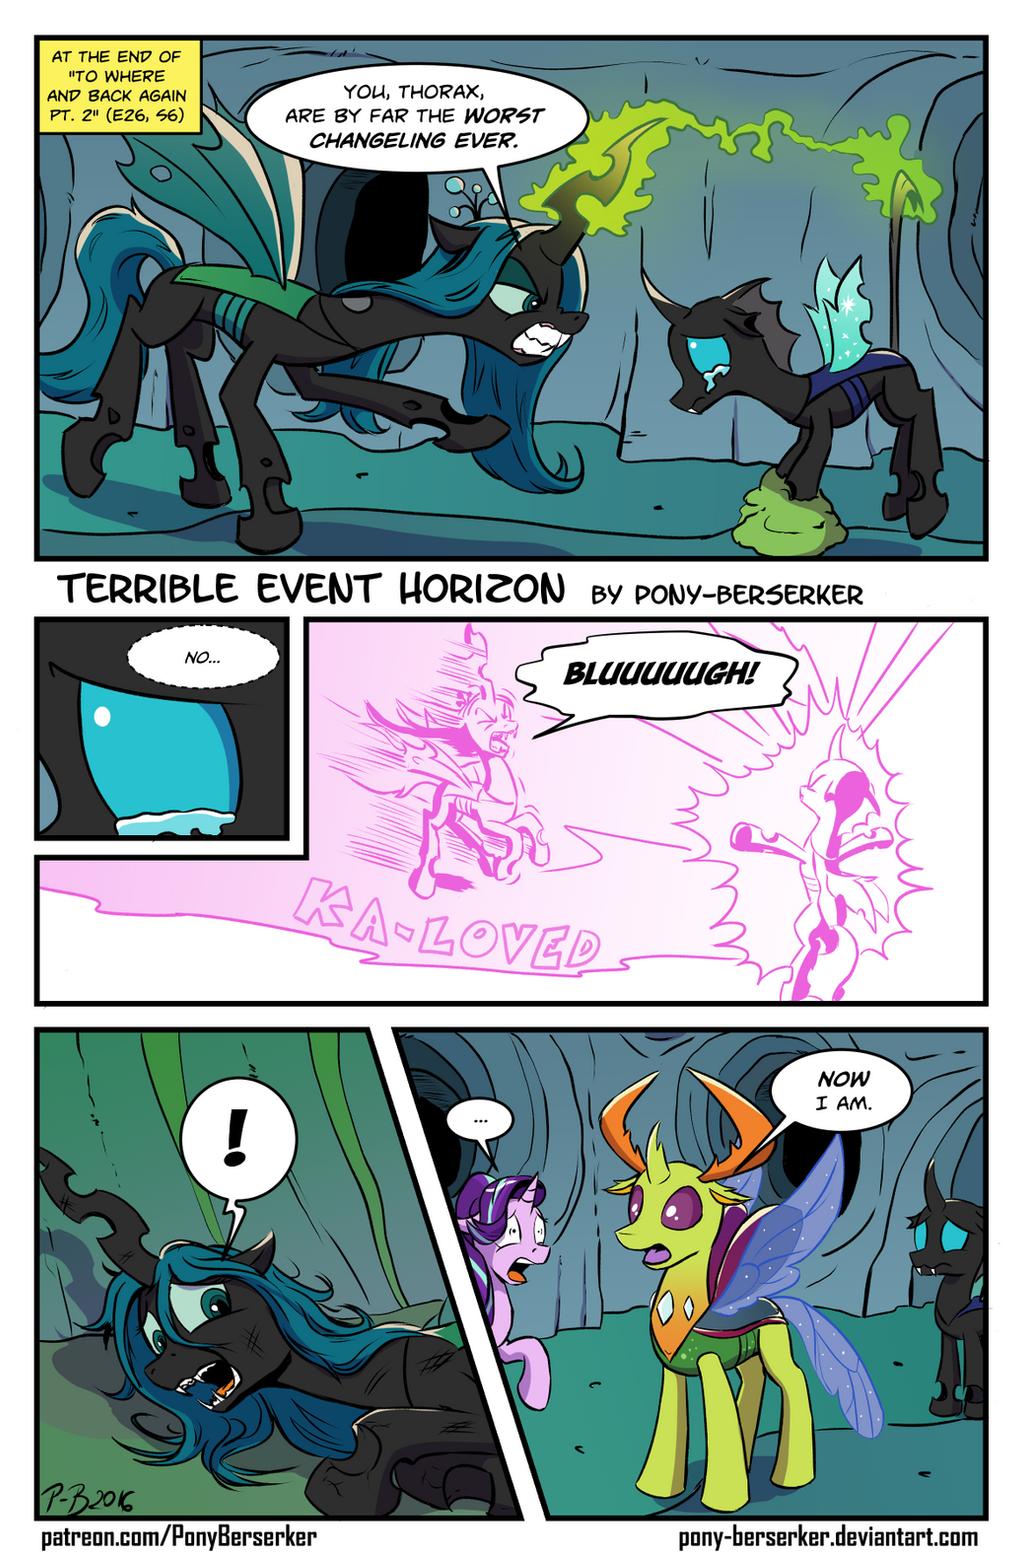 Terrible Event Horizon by Pony-Berserker